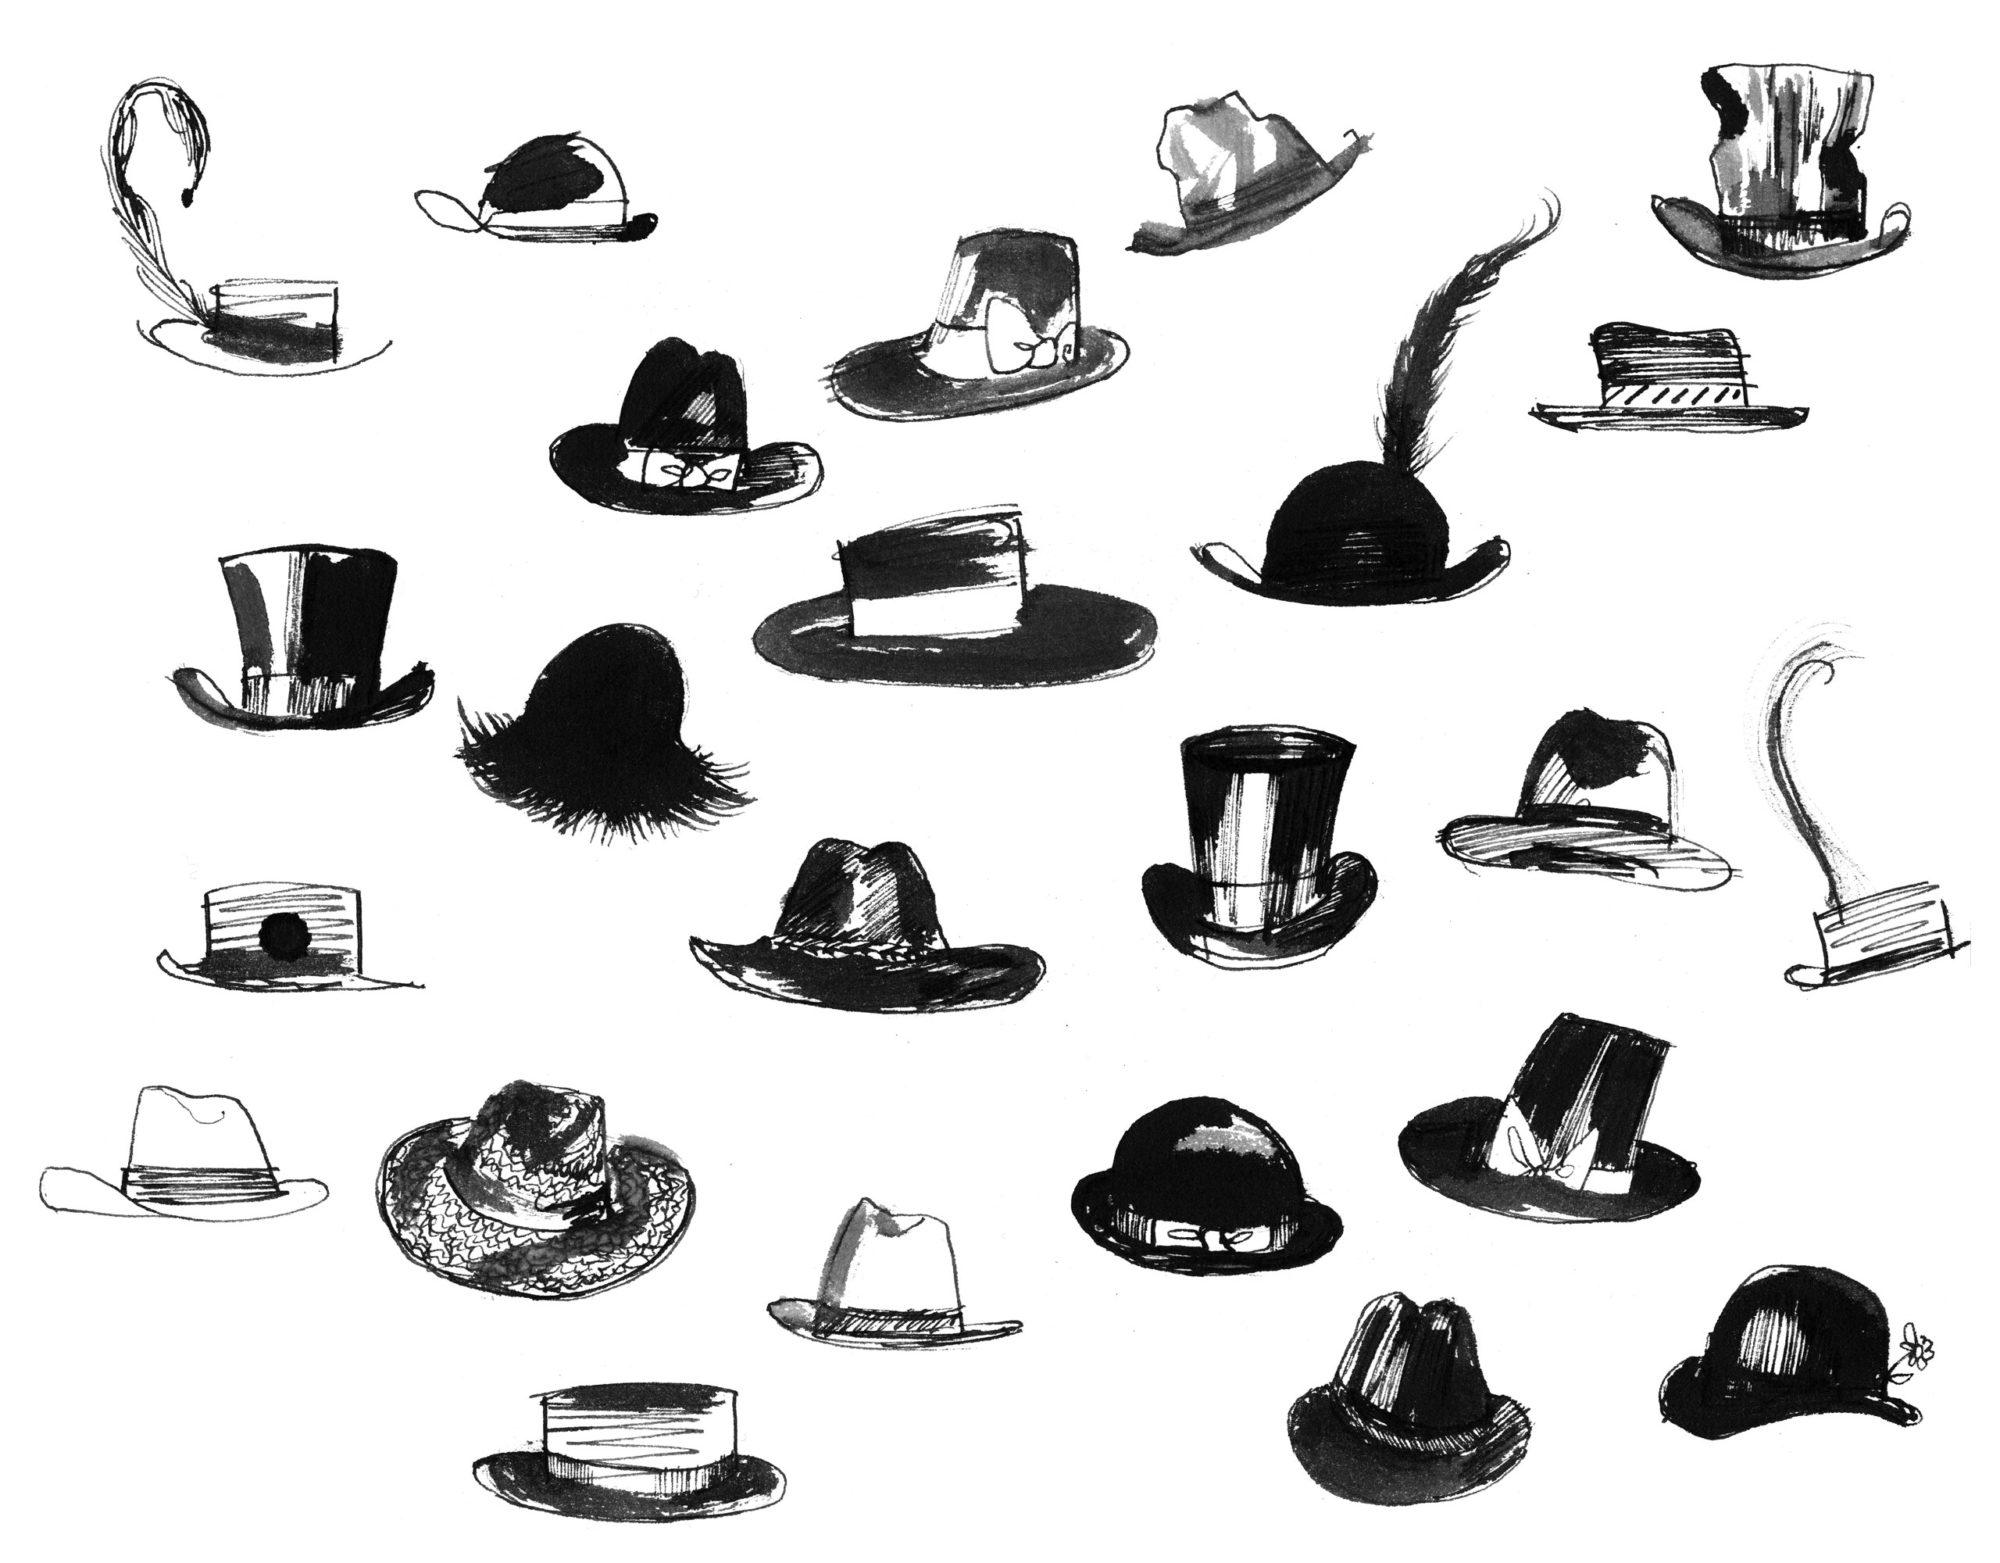 Lovisa-Burfitt-illustration-Hatters-parade